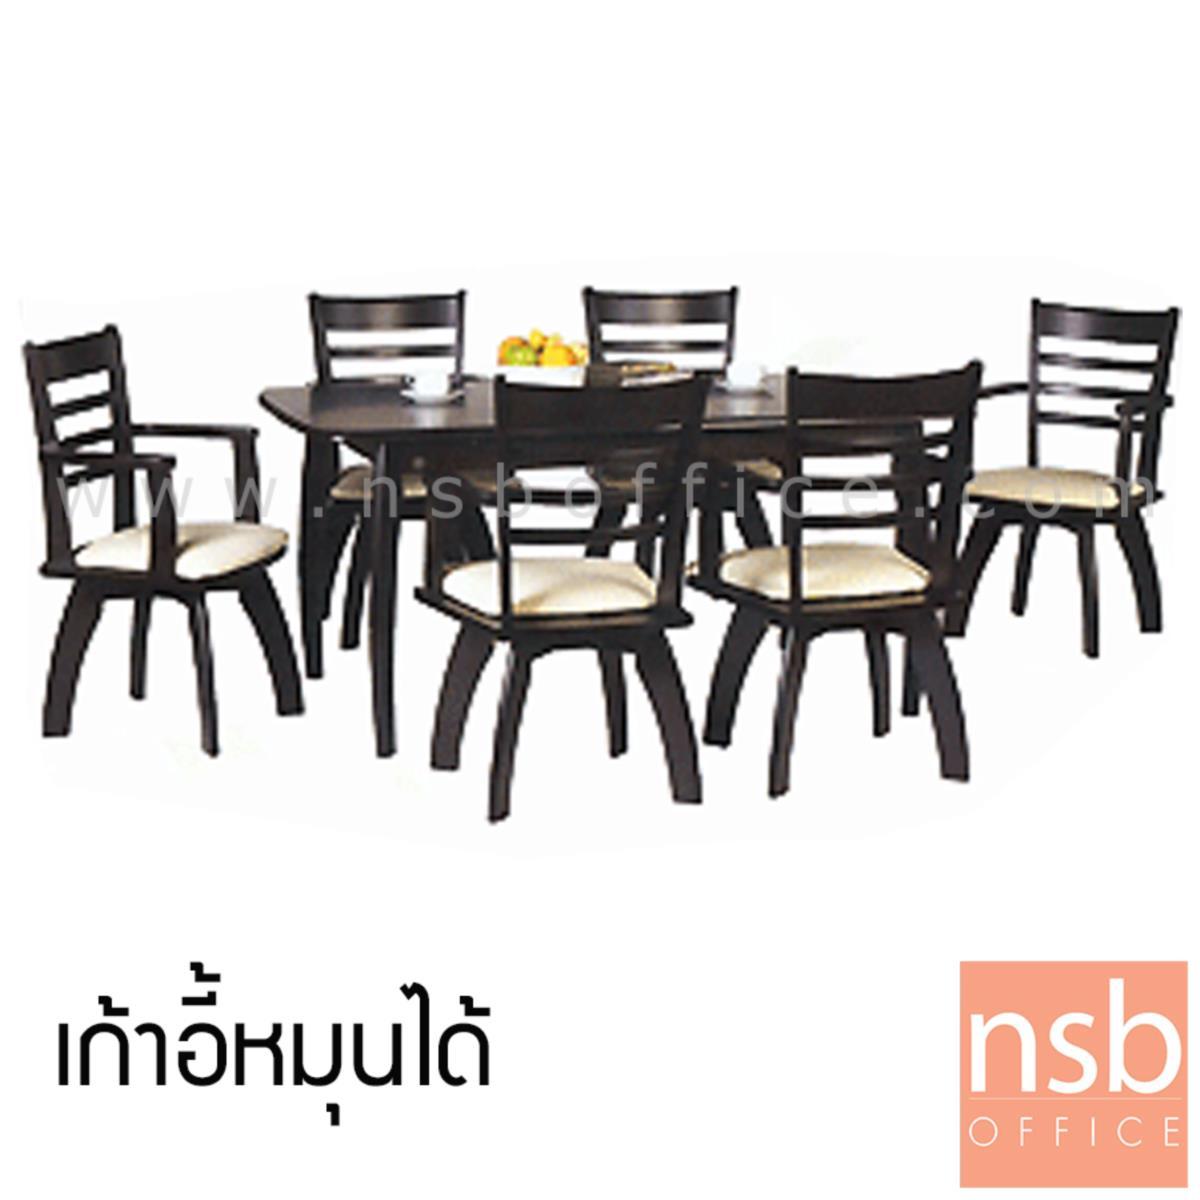 G14A035:ชุดโต๊ะรับประทานอาหารหน้าไม้ยางพารา 6 ที่นั่ง   รุ่น SUNNY-24 ขนาด 165W cm. พร้อมเก้าอี้